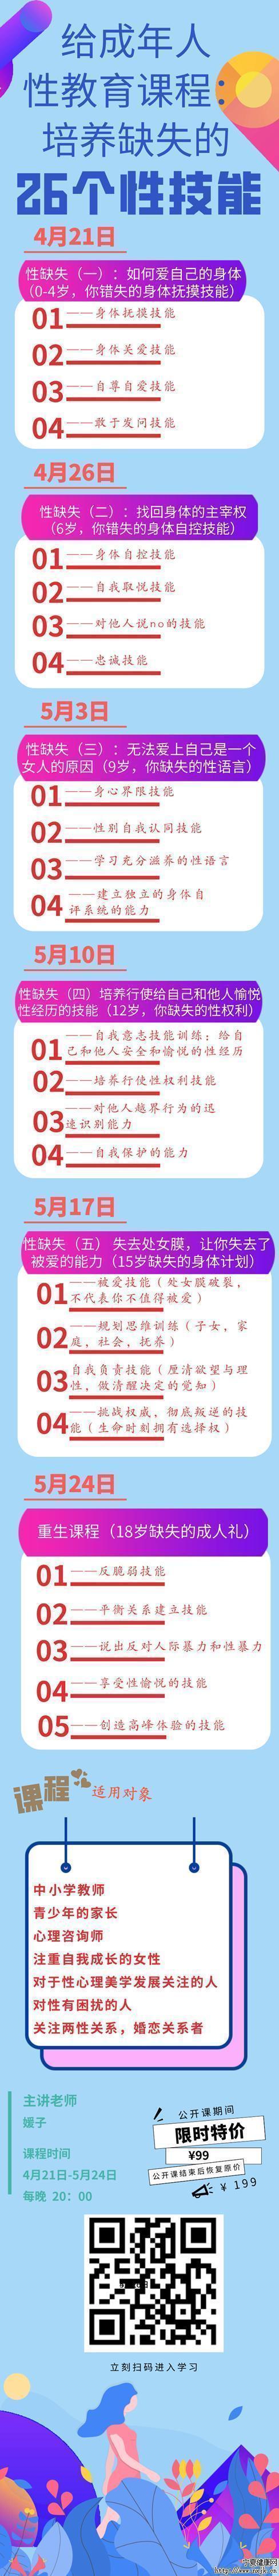 女性 活动  _20200424103445_副本.png